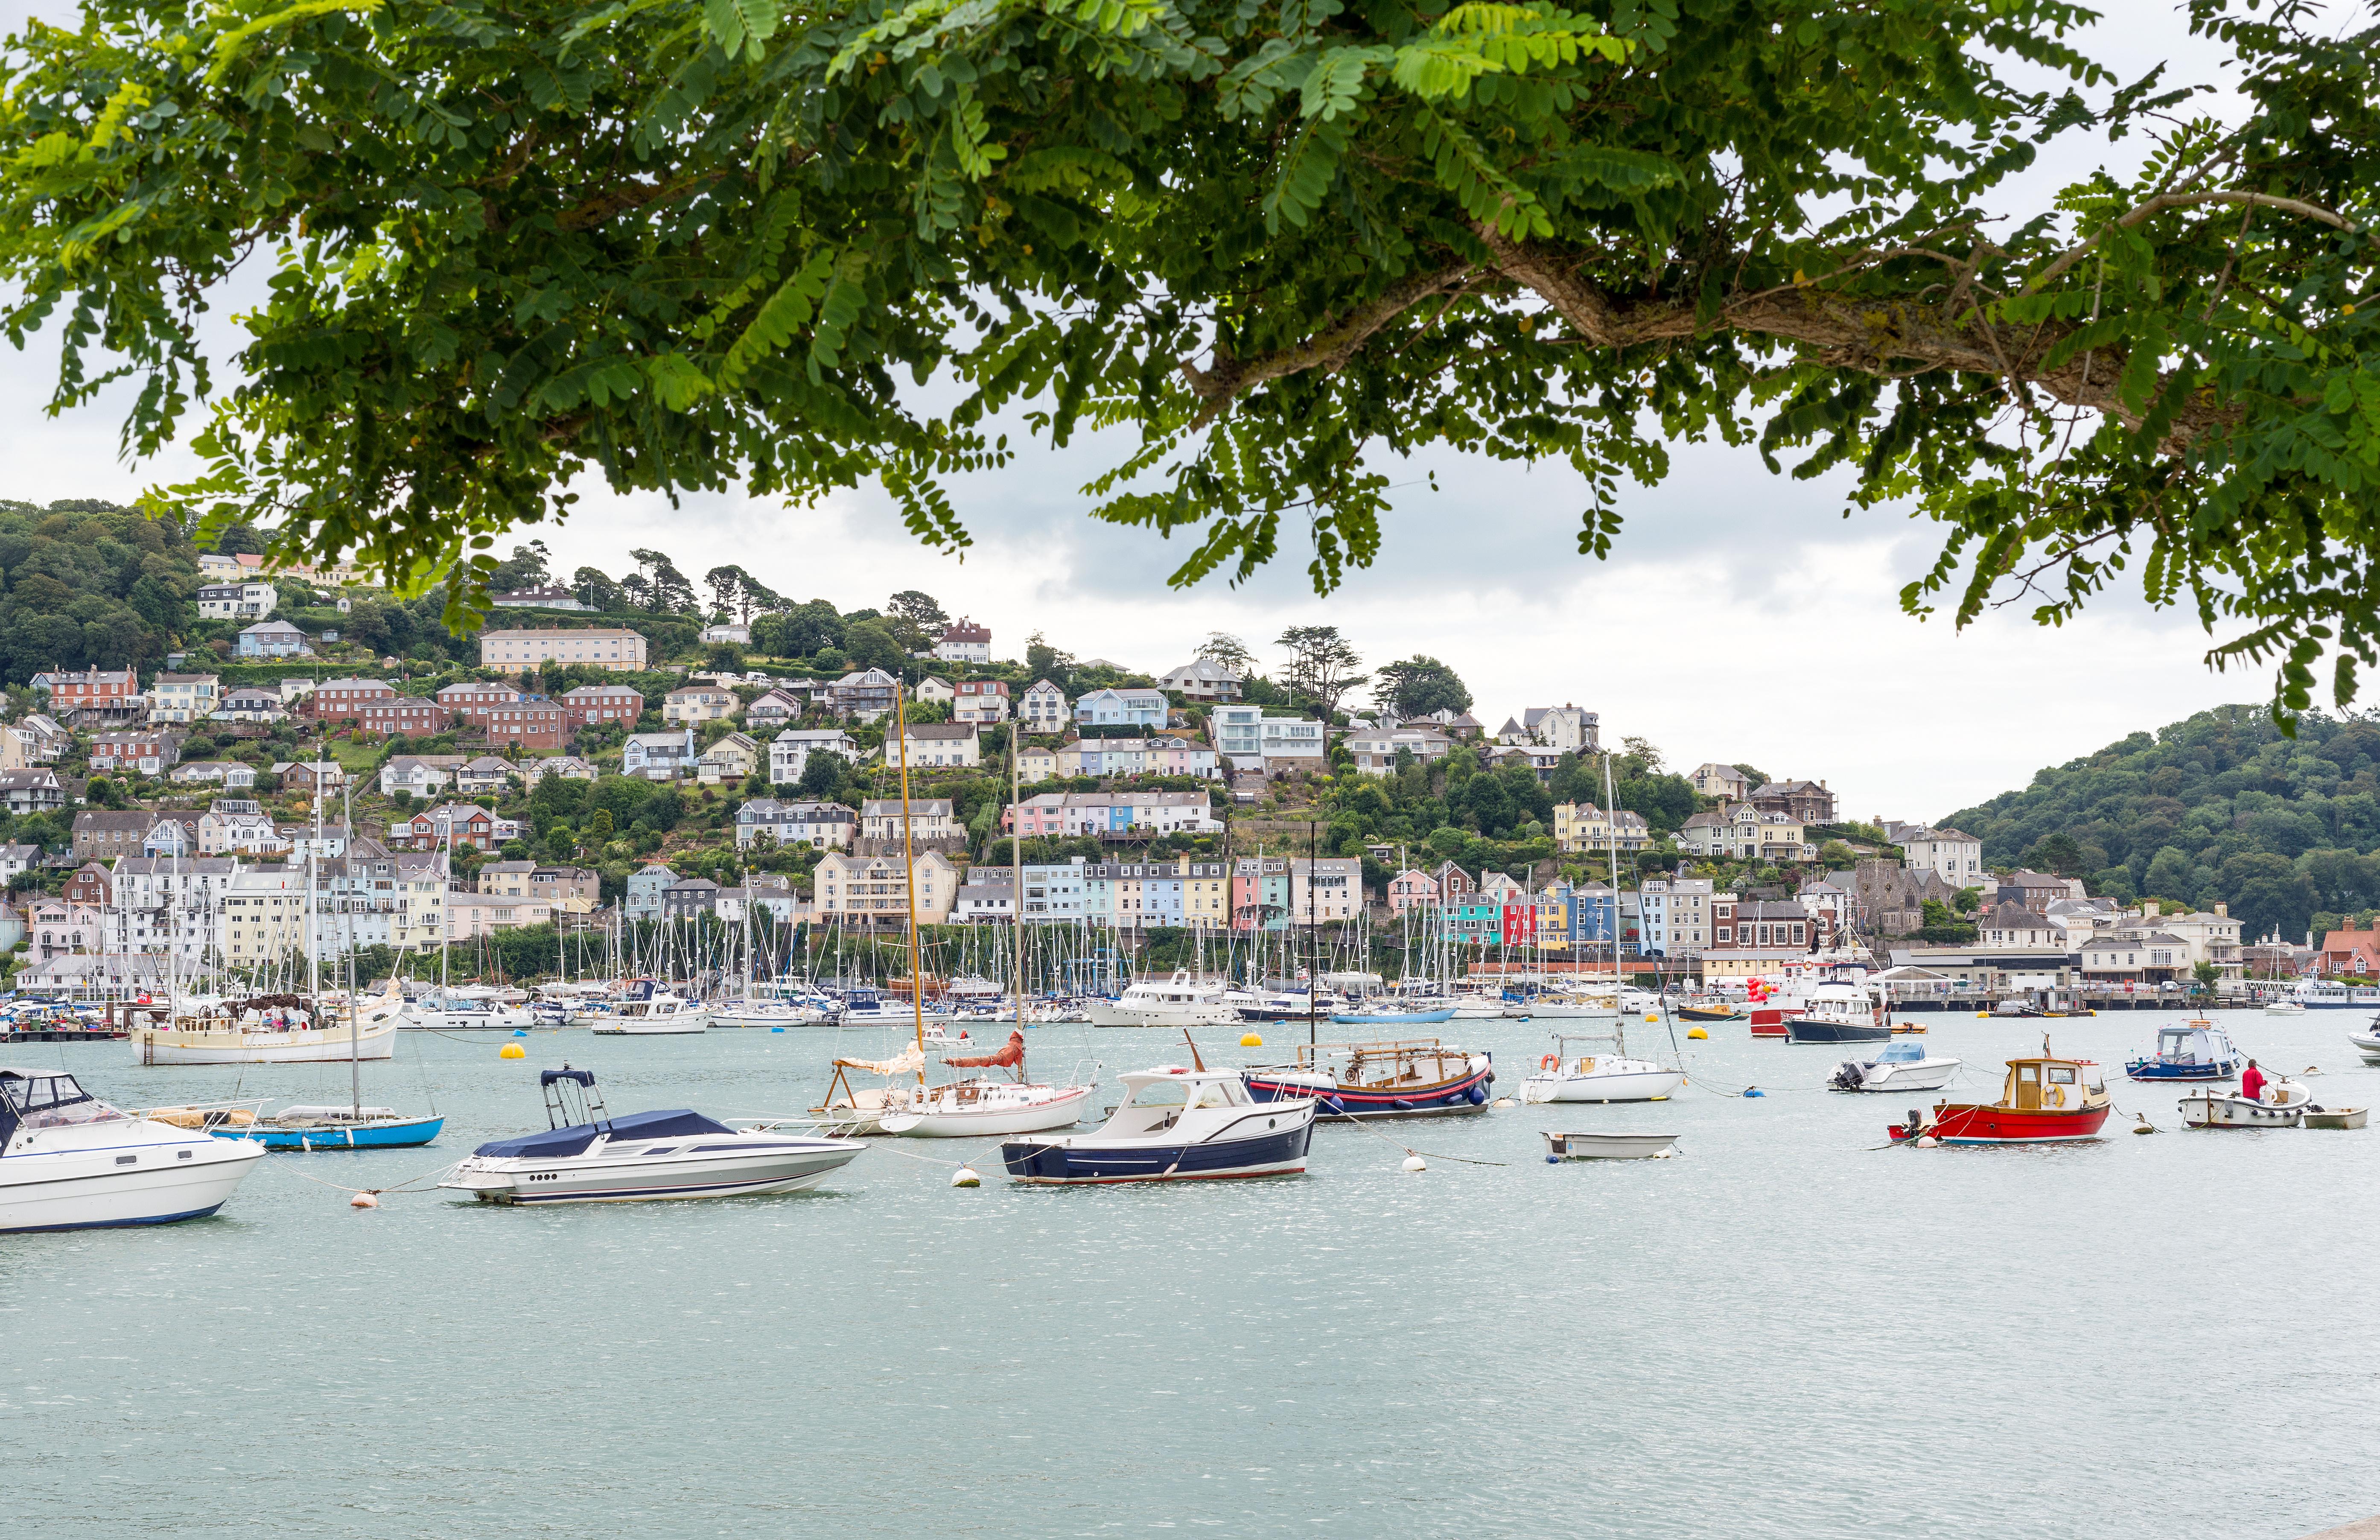 September Holidays UK - Dartmouth Estuary, Devon, England